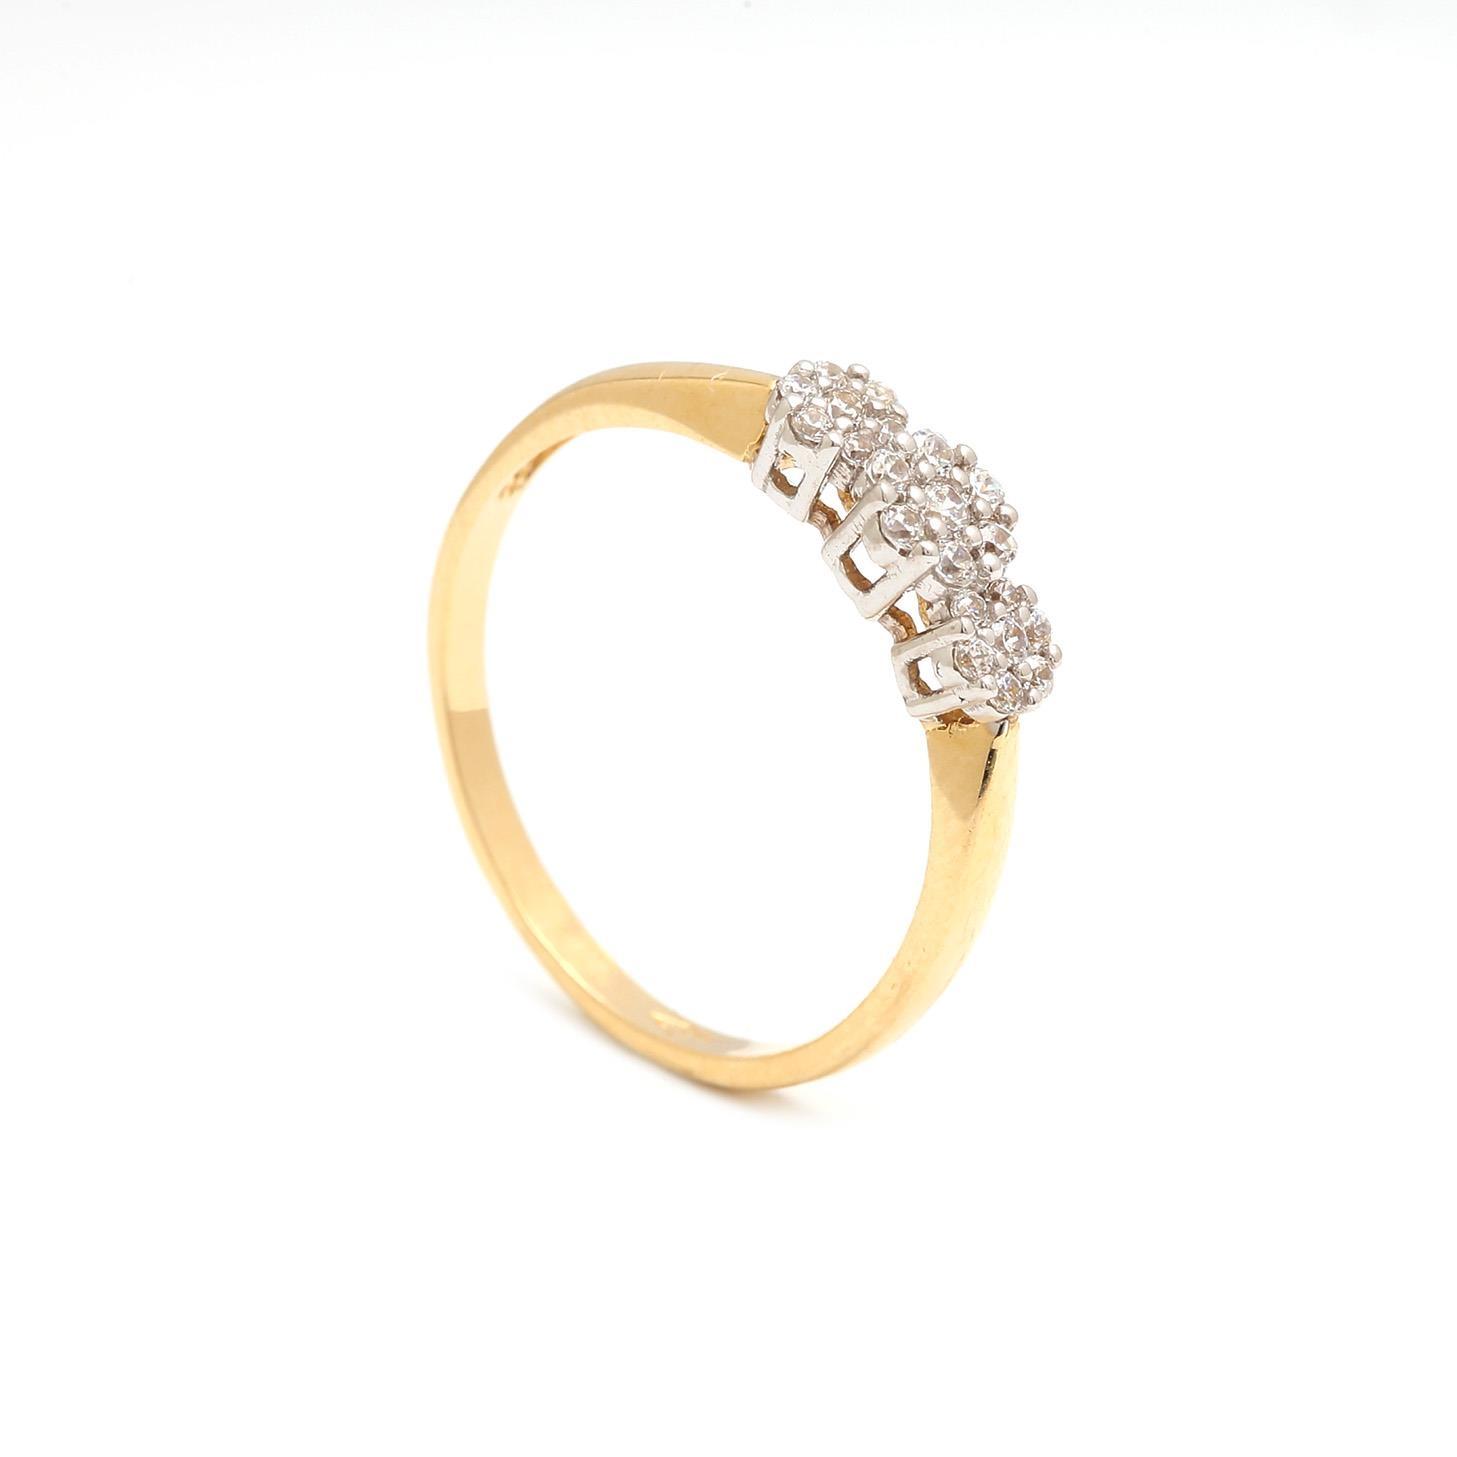 Zlatý dámsky prsteň RACHELLE 3PK00144